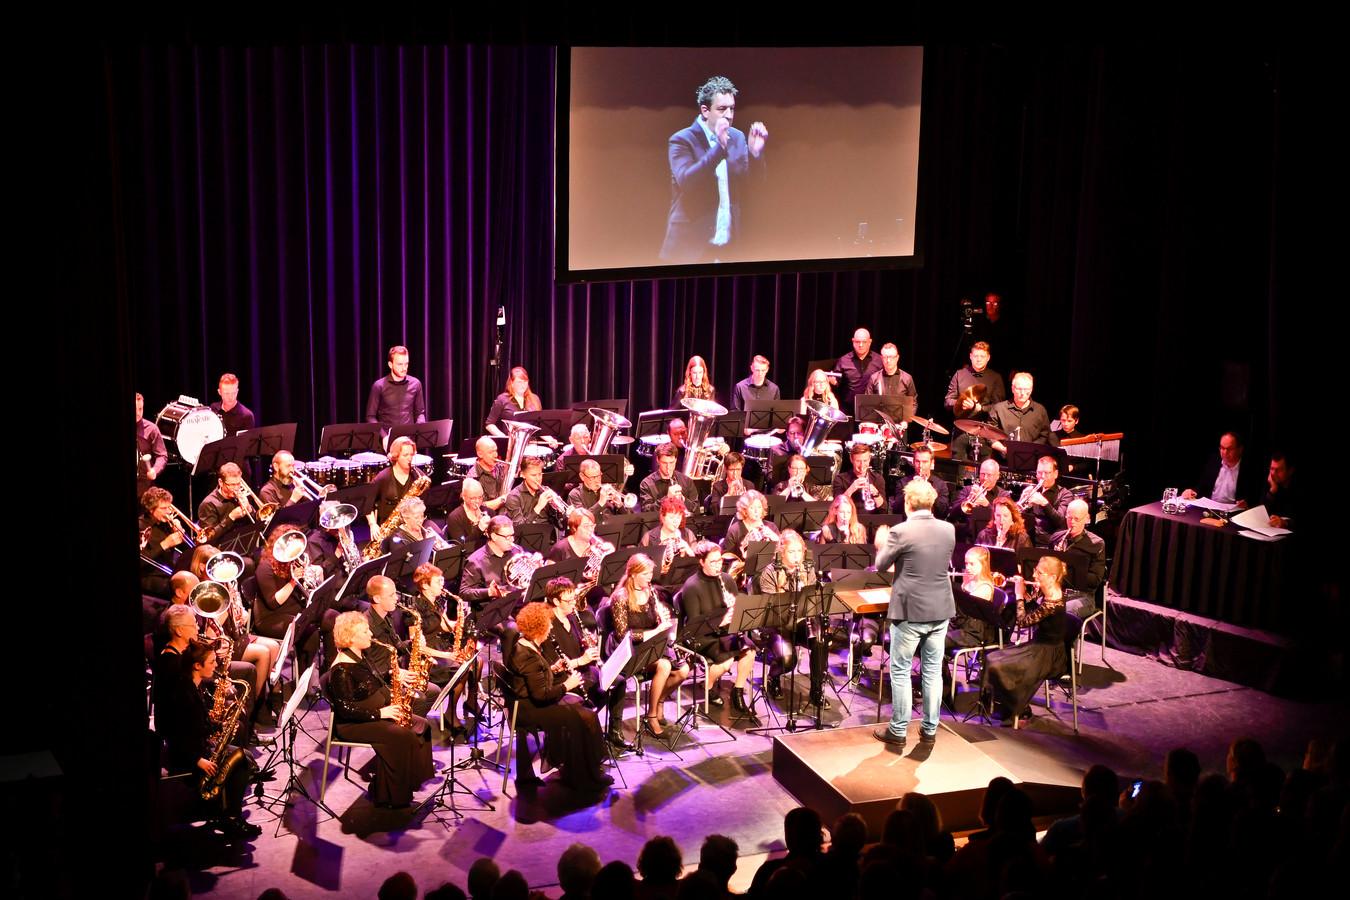 Nuenen Drumfanfare Jong Leven houdt een concert in de geest van het programma Maes. Vijf min of meer bekende Nuenenaren treden op als gastdirigent. De winnaar dirigeert de grote finale.